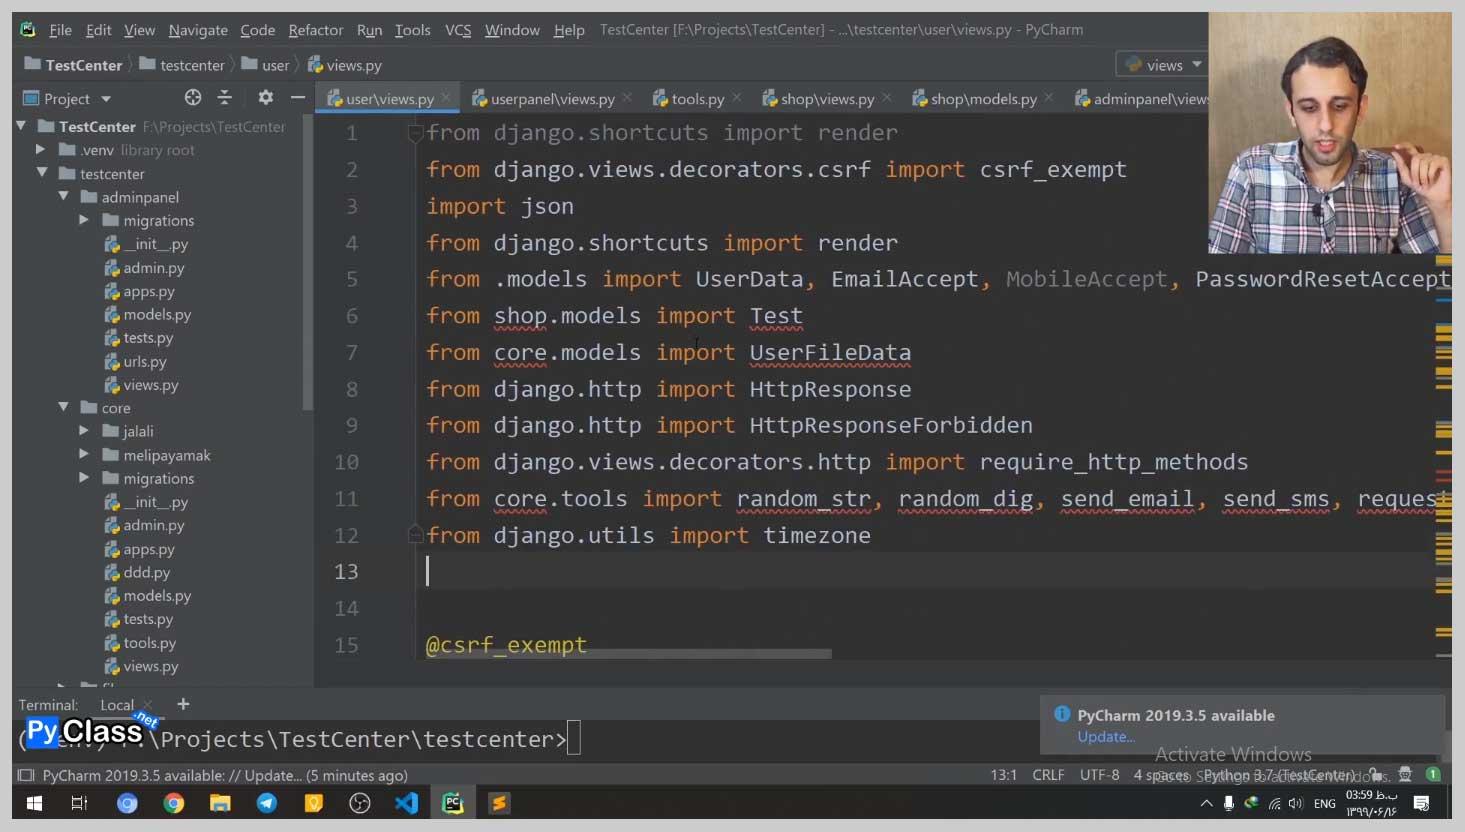 محیط توسعه PyCharm